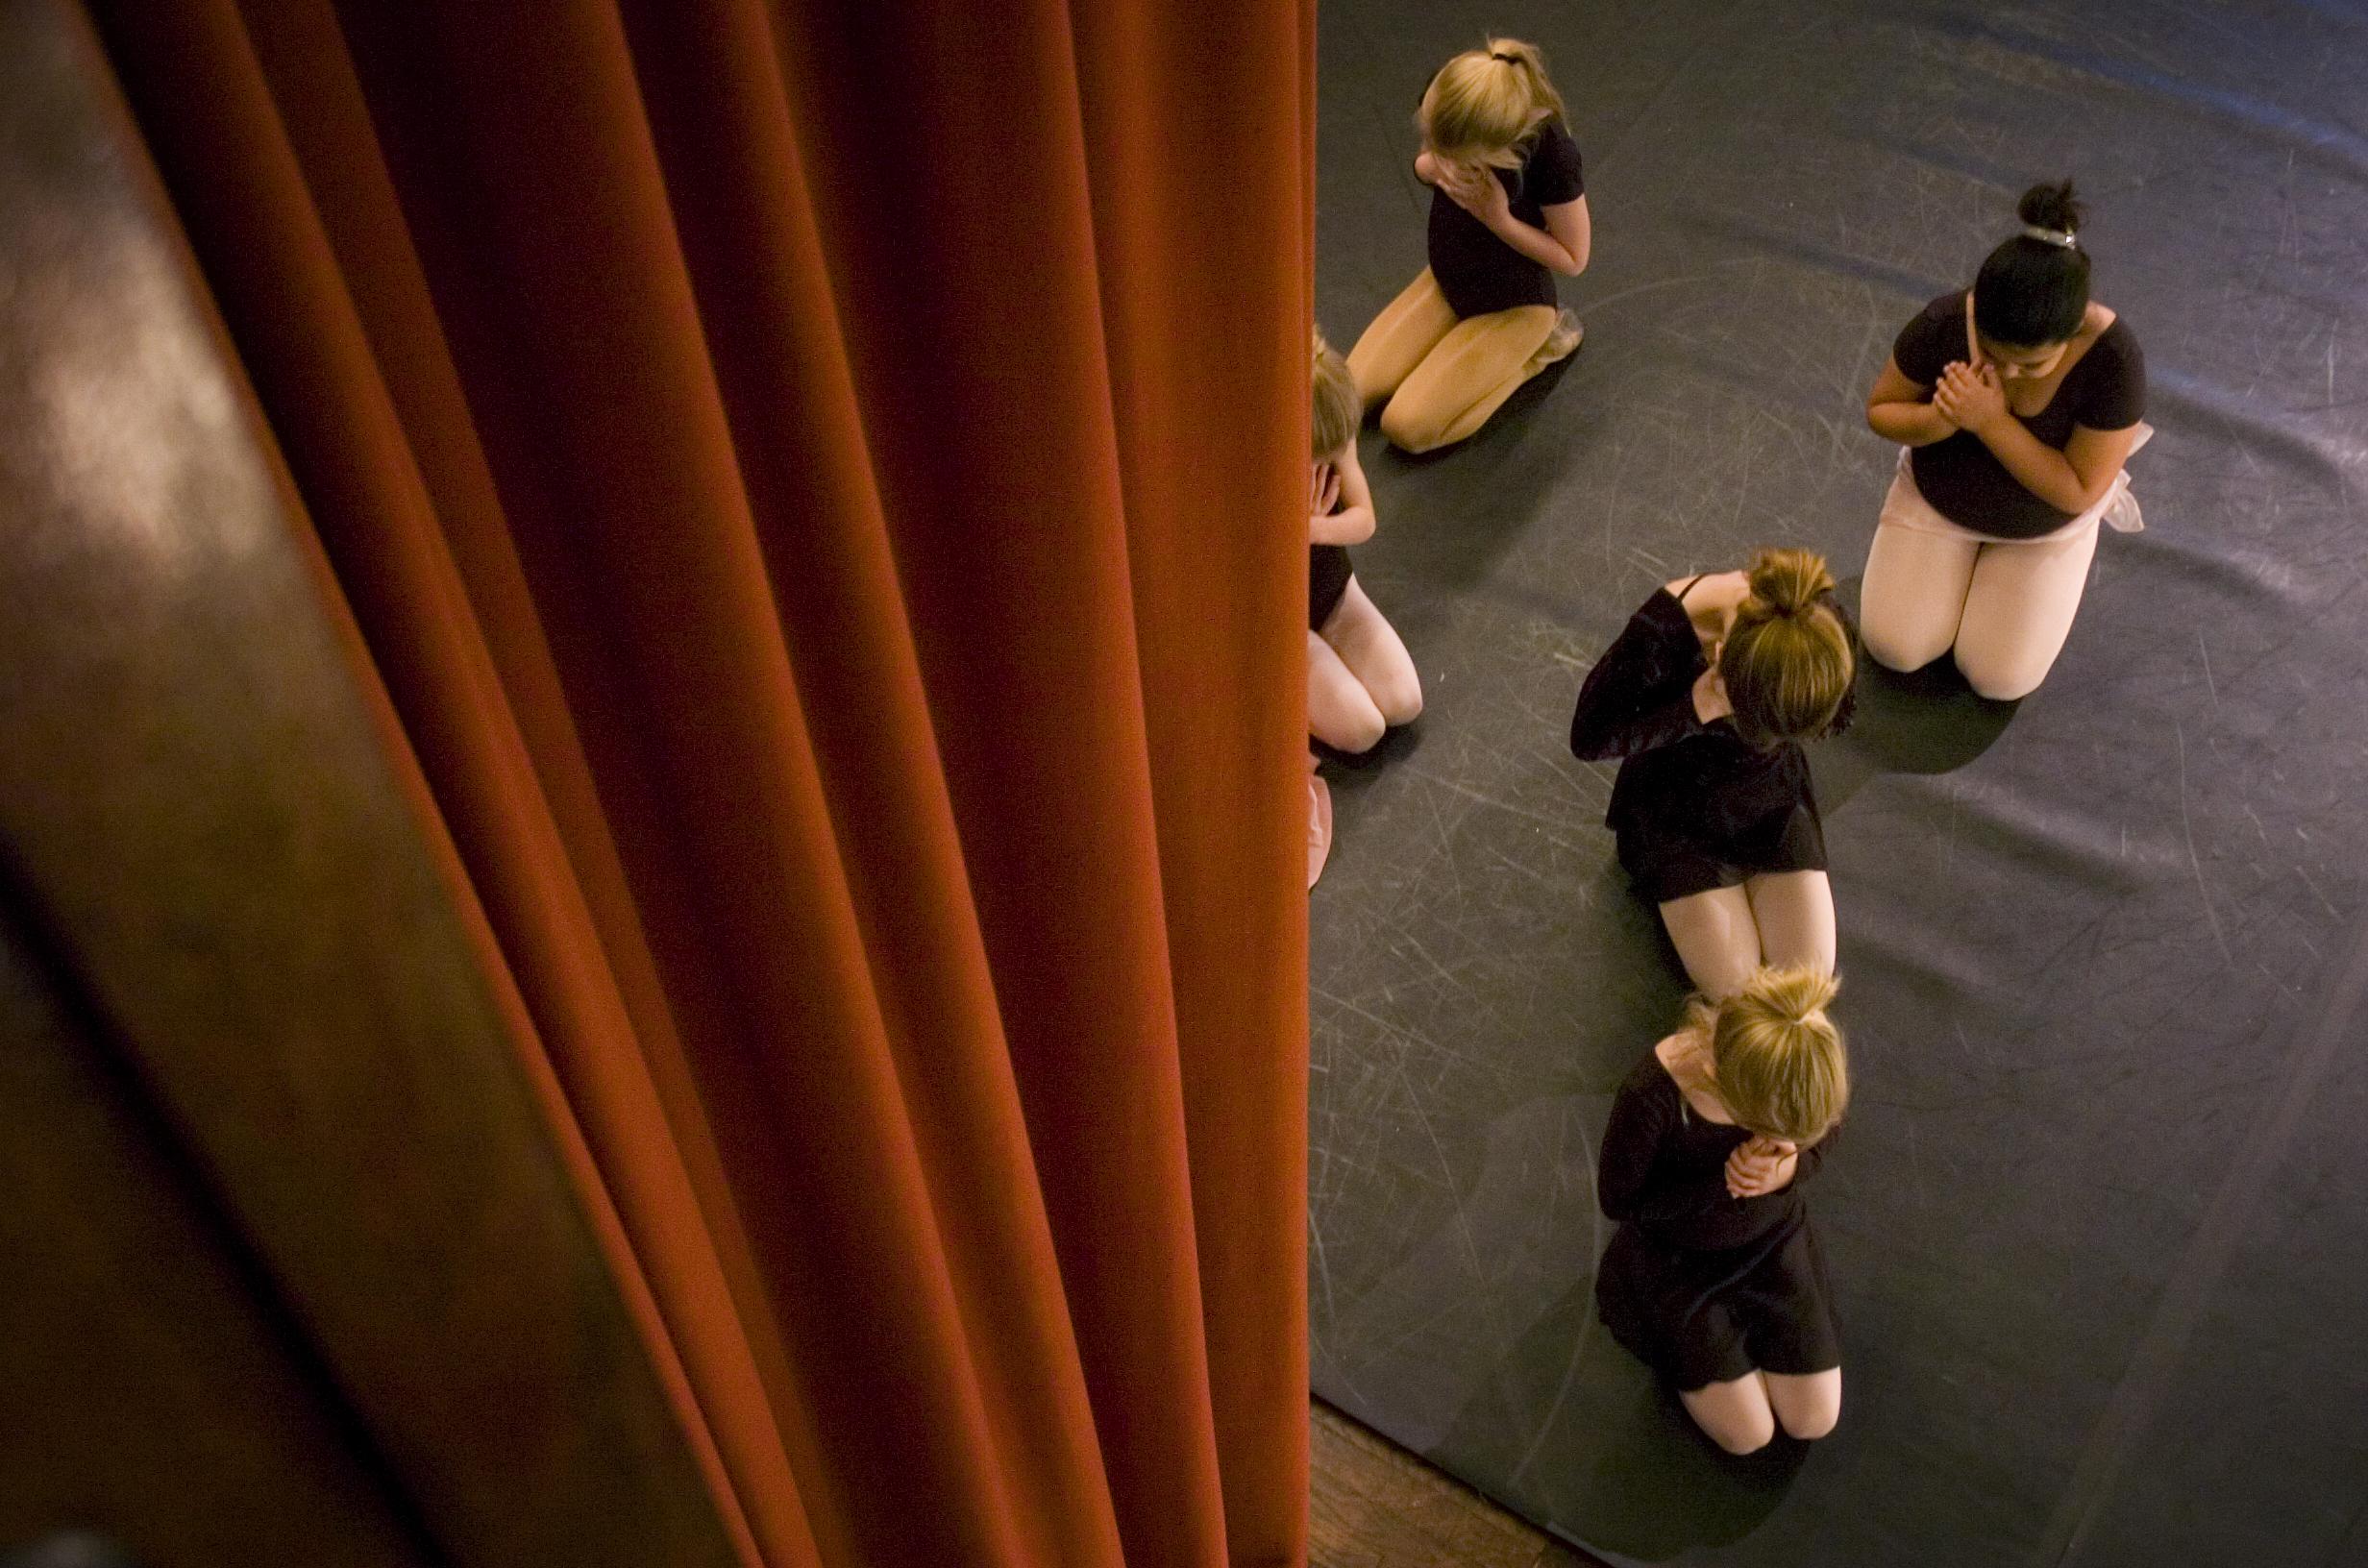 03.05.09_ballet1.jpg